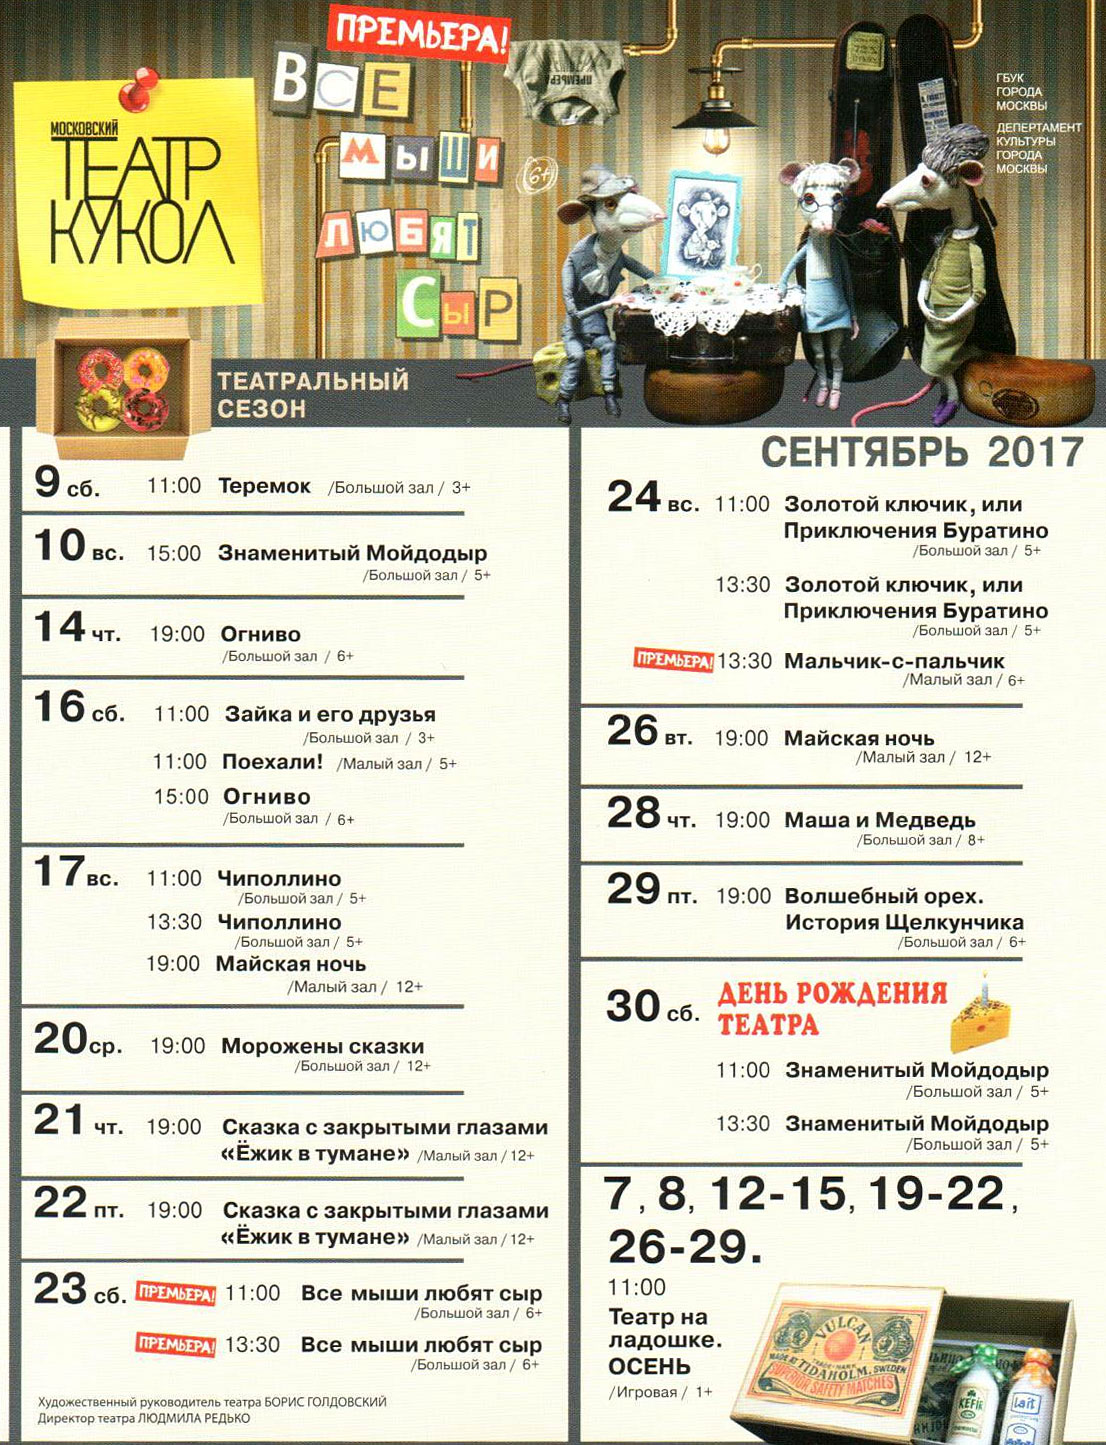 Московский театр кукол